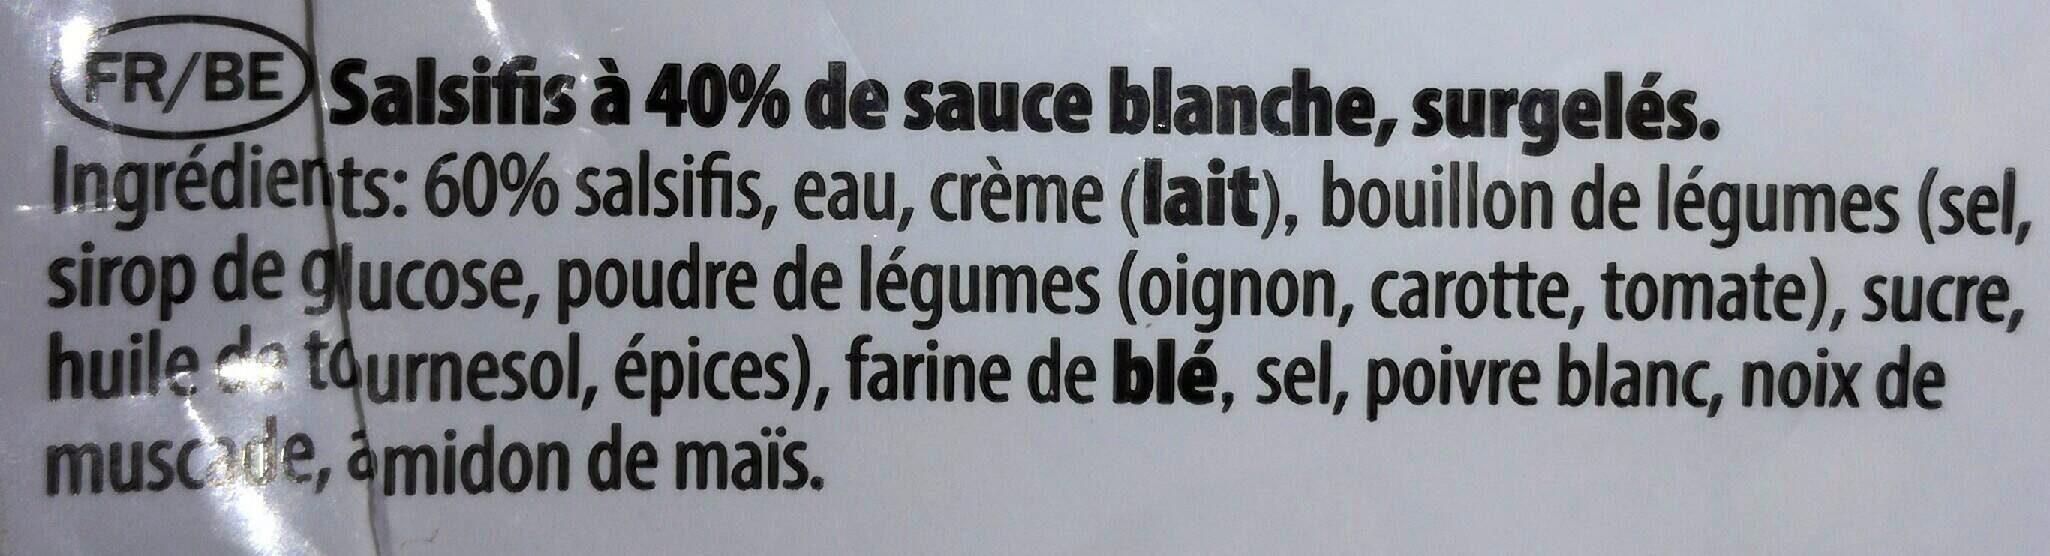 Salsifis à la sauce blanche - Ingrédients